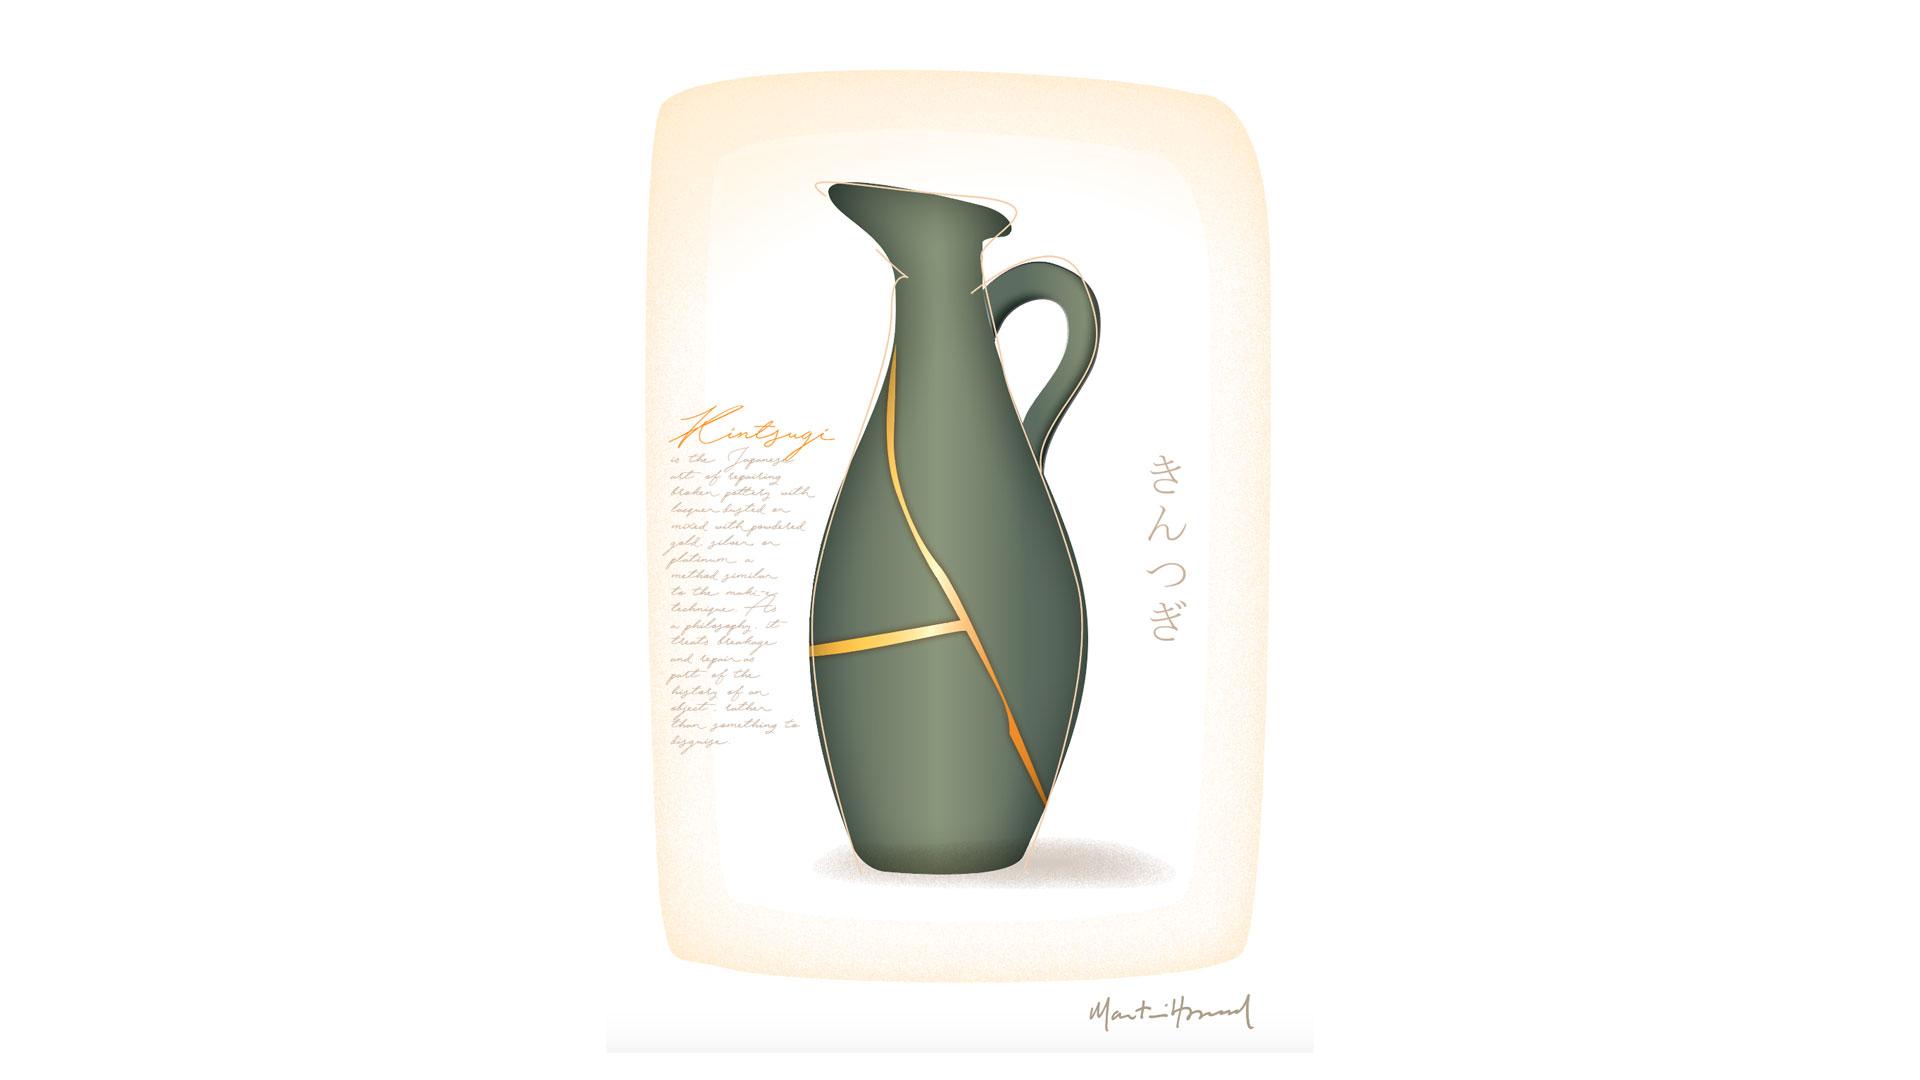 Imagen de cerámica kintsugi japonés